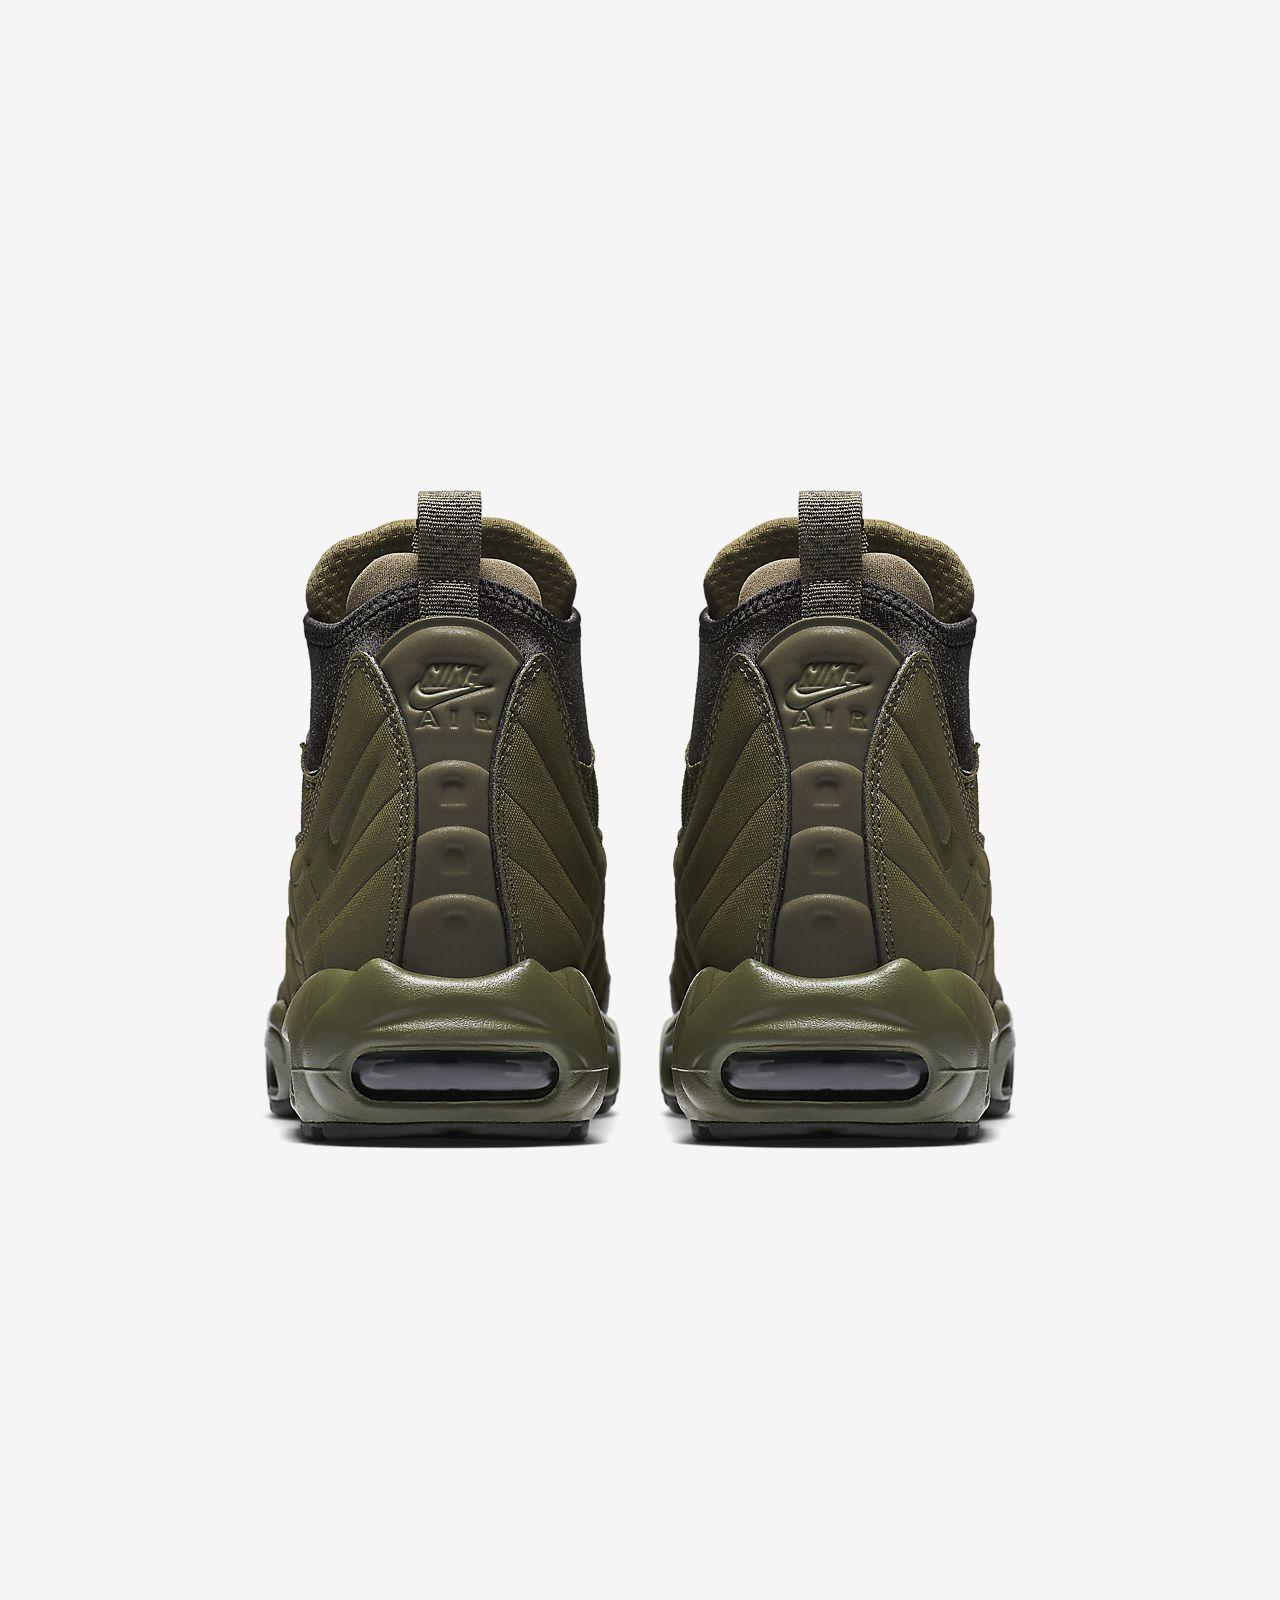 air max 95 boots 2016 nz